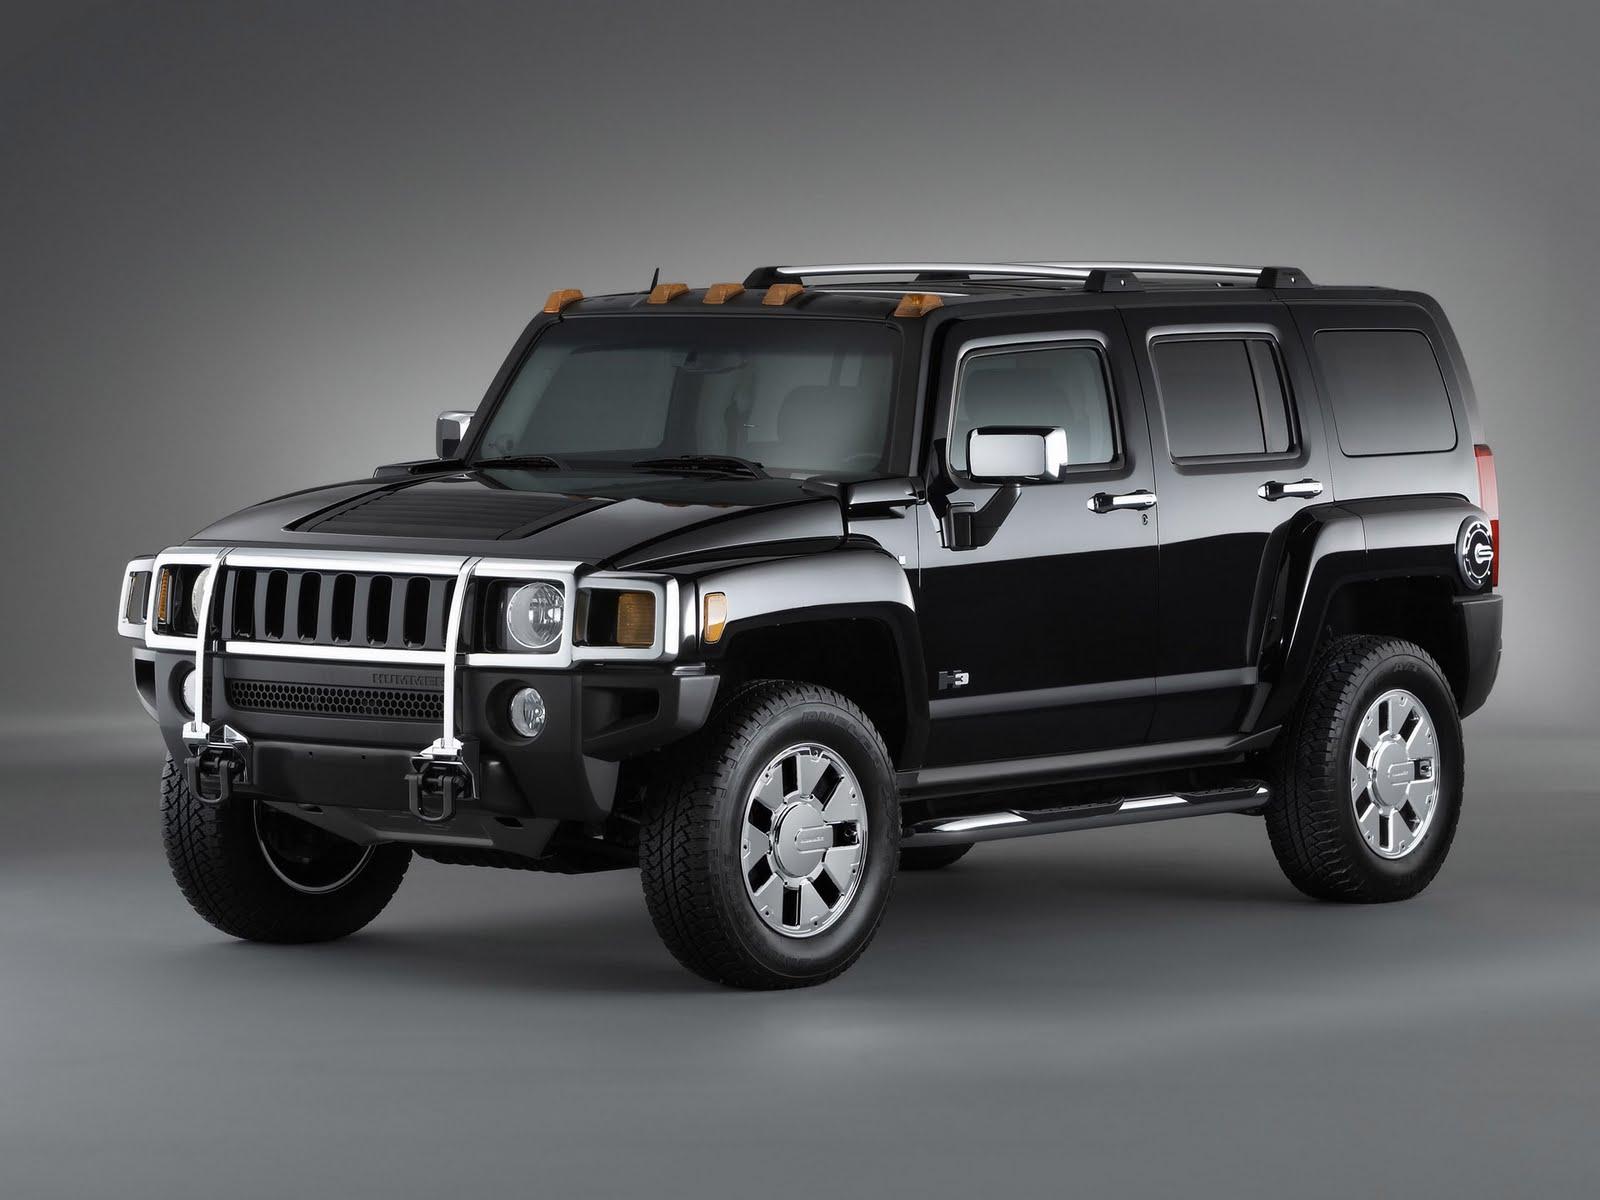 Auto sri lanka Hummer 2011 H3